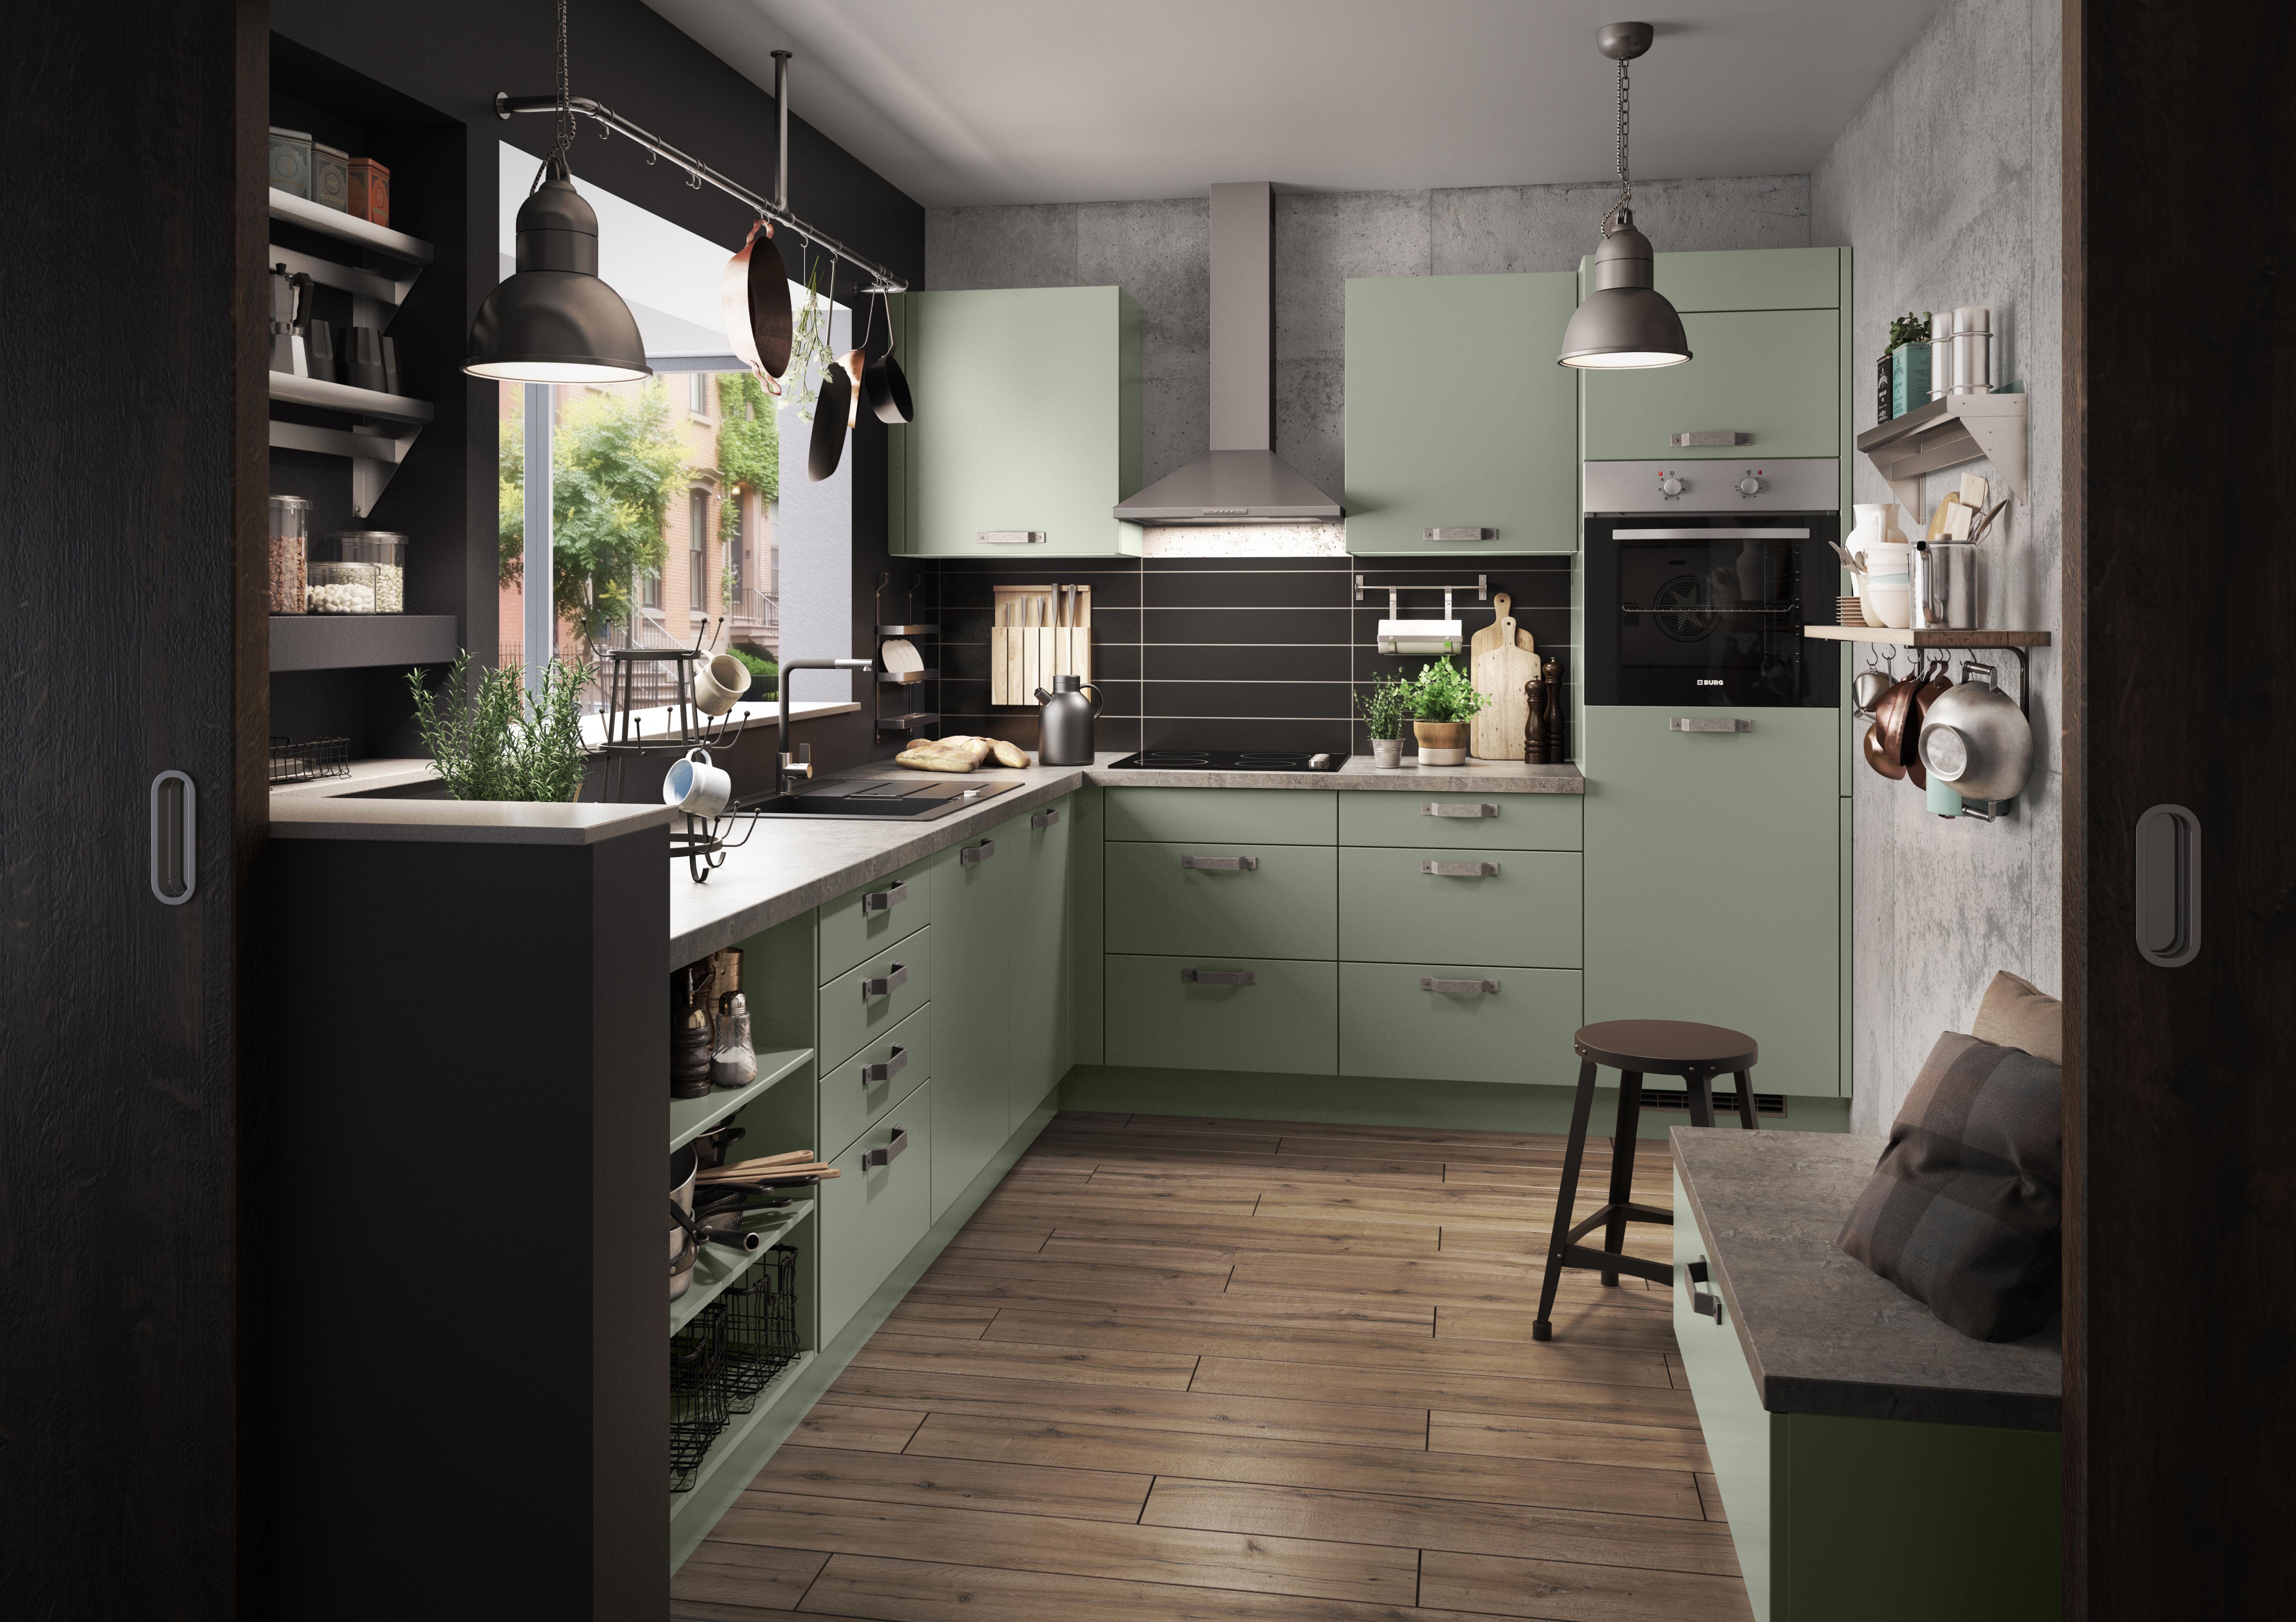 Retro Kühlschrank Dunkelgrün : Grüne küchen küchentrends in grün küche&co